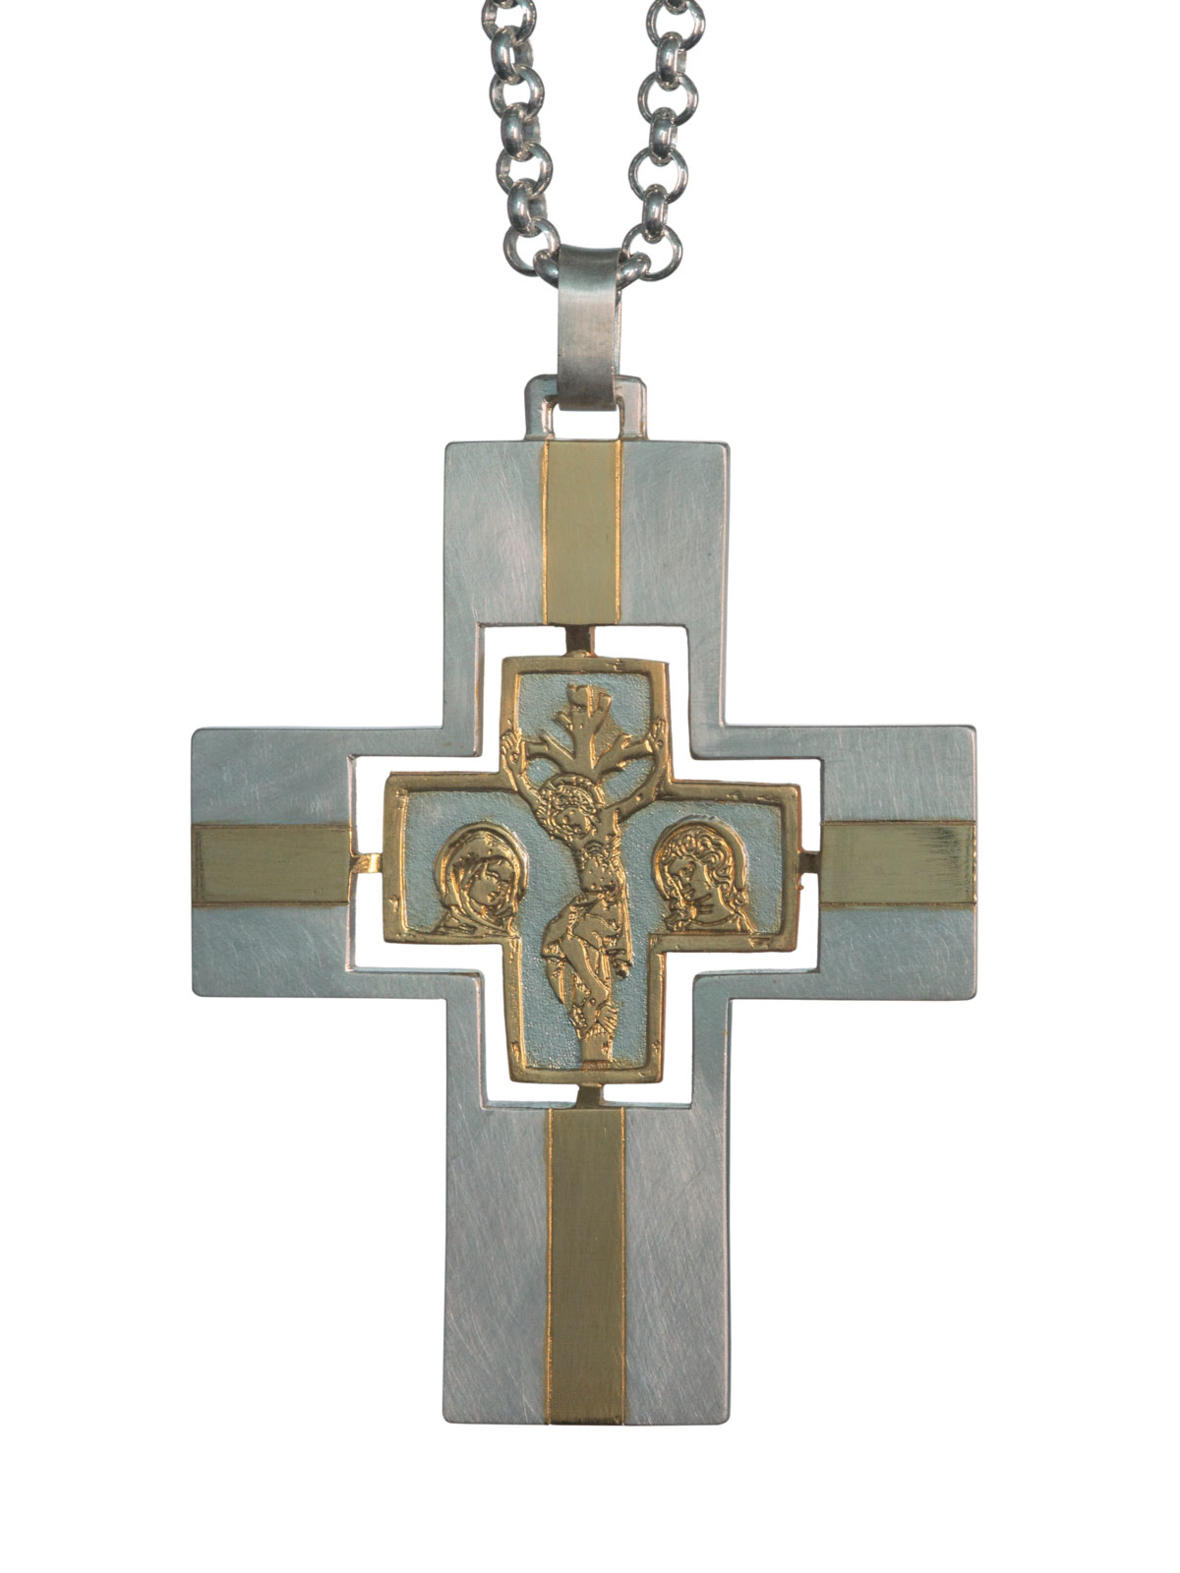 Das Pektorale von Bischof Bertram - Vorderseite (Foto: SUV)